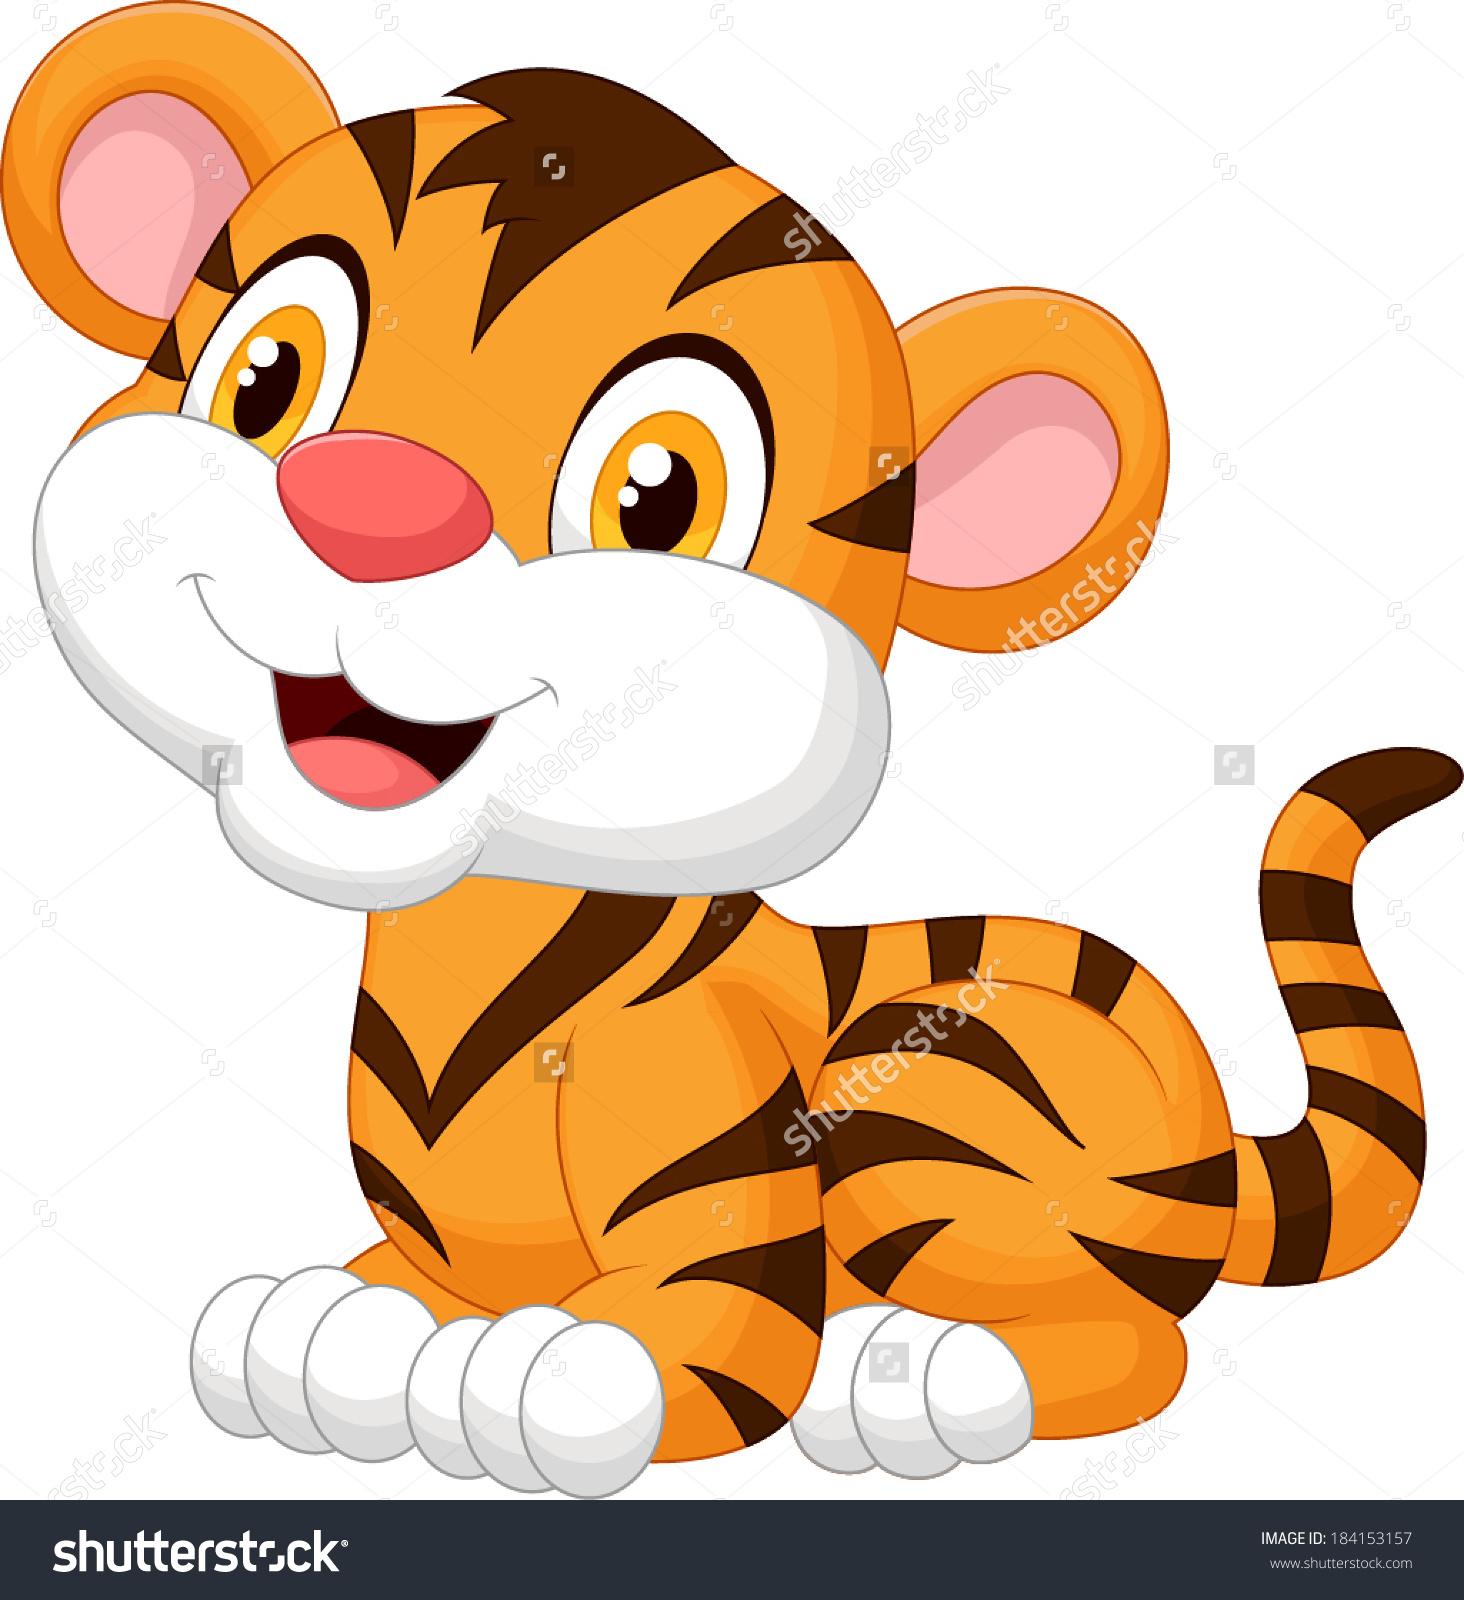 Tigres clipart graduate #15